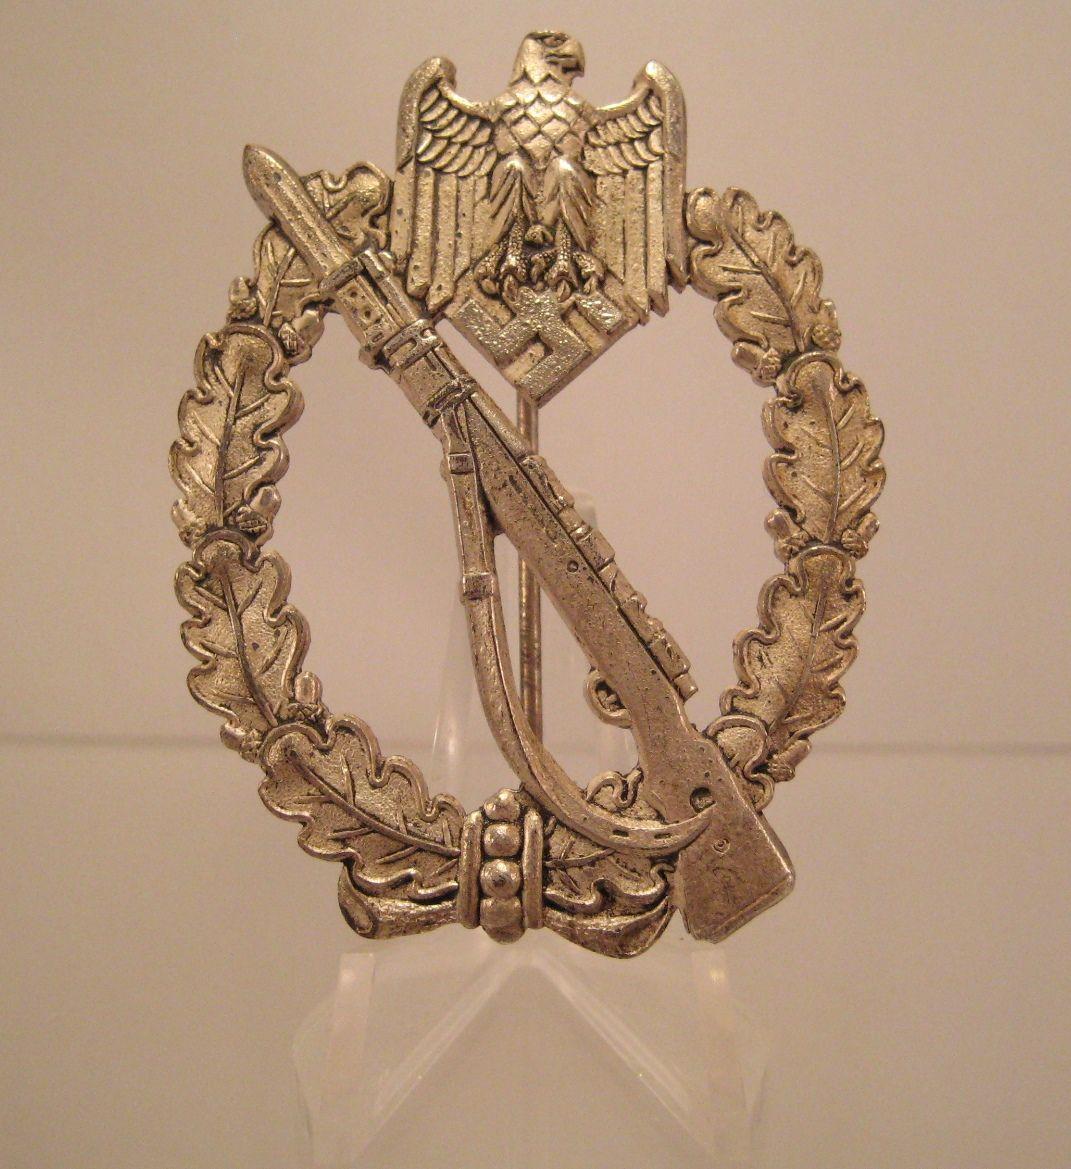 28/LXI Militaria UK – WW2 Deutsche (German) – Heer / Waffen SS Infantry Assault Badge in Silver. Deschler & Sohn. c.1939 - 45.